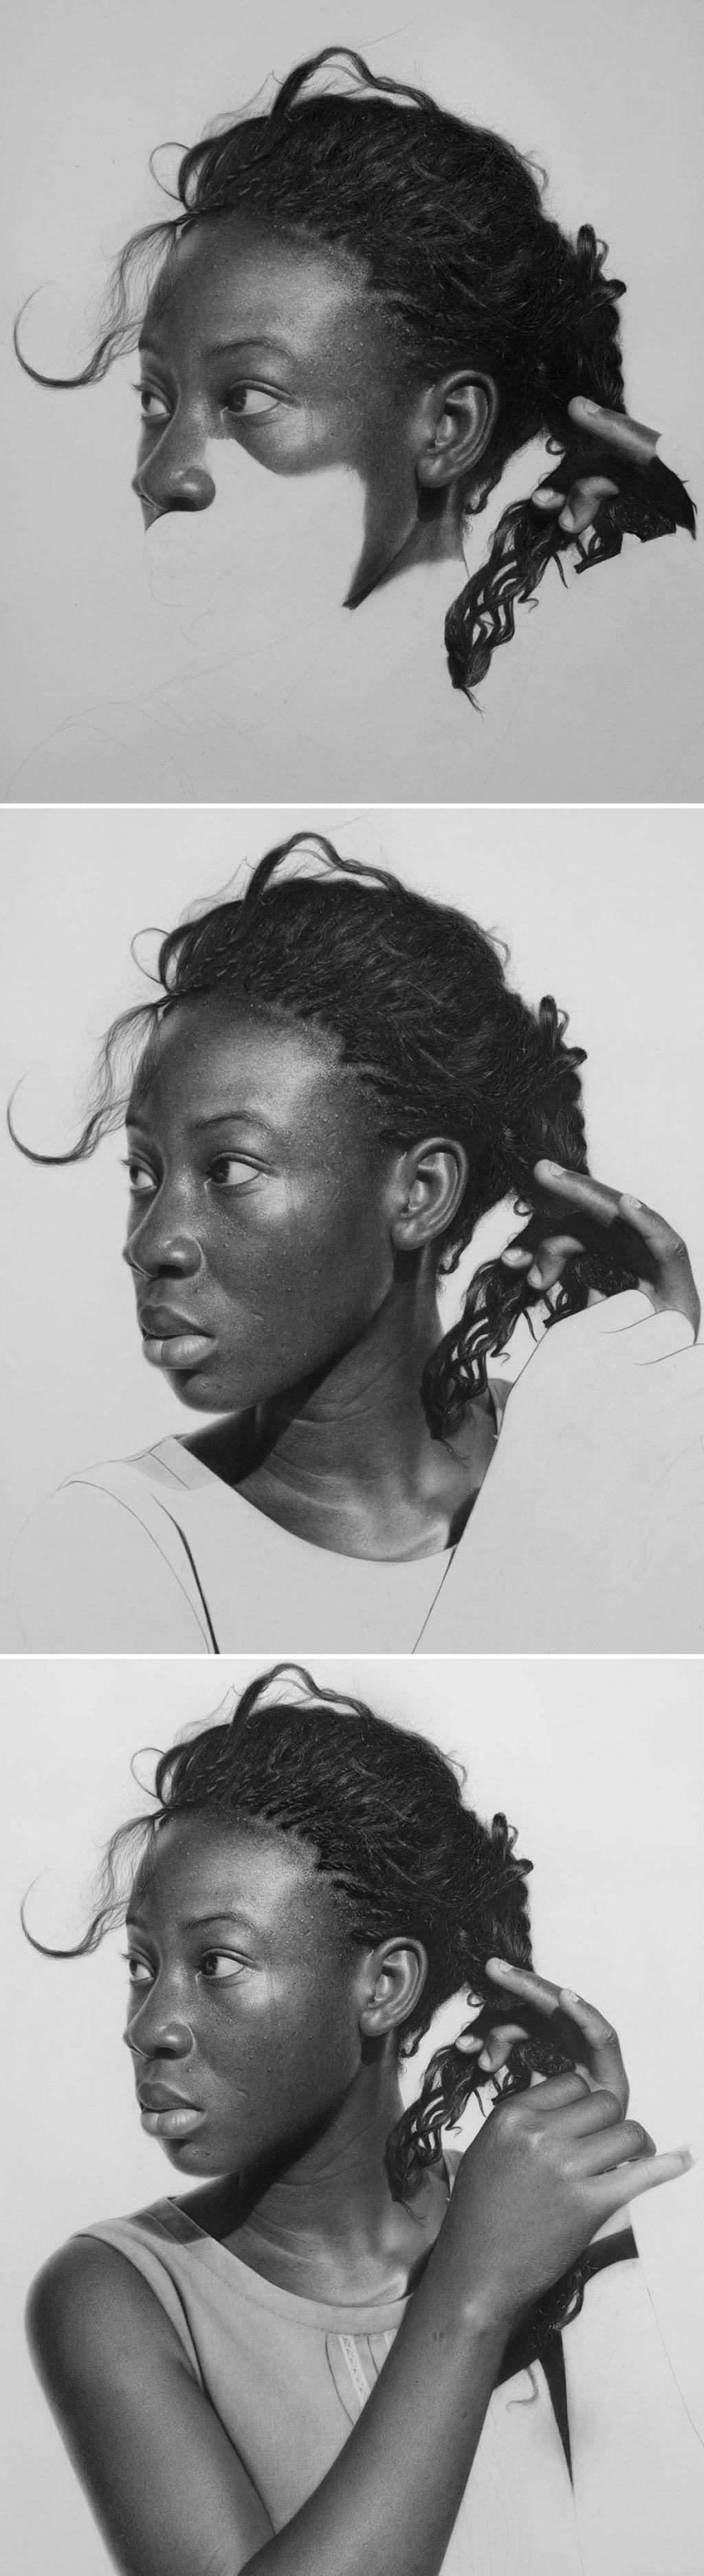 Retratos hiperrealistas de grande porte renderizados com grafite e carvão 04